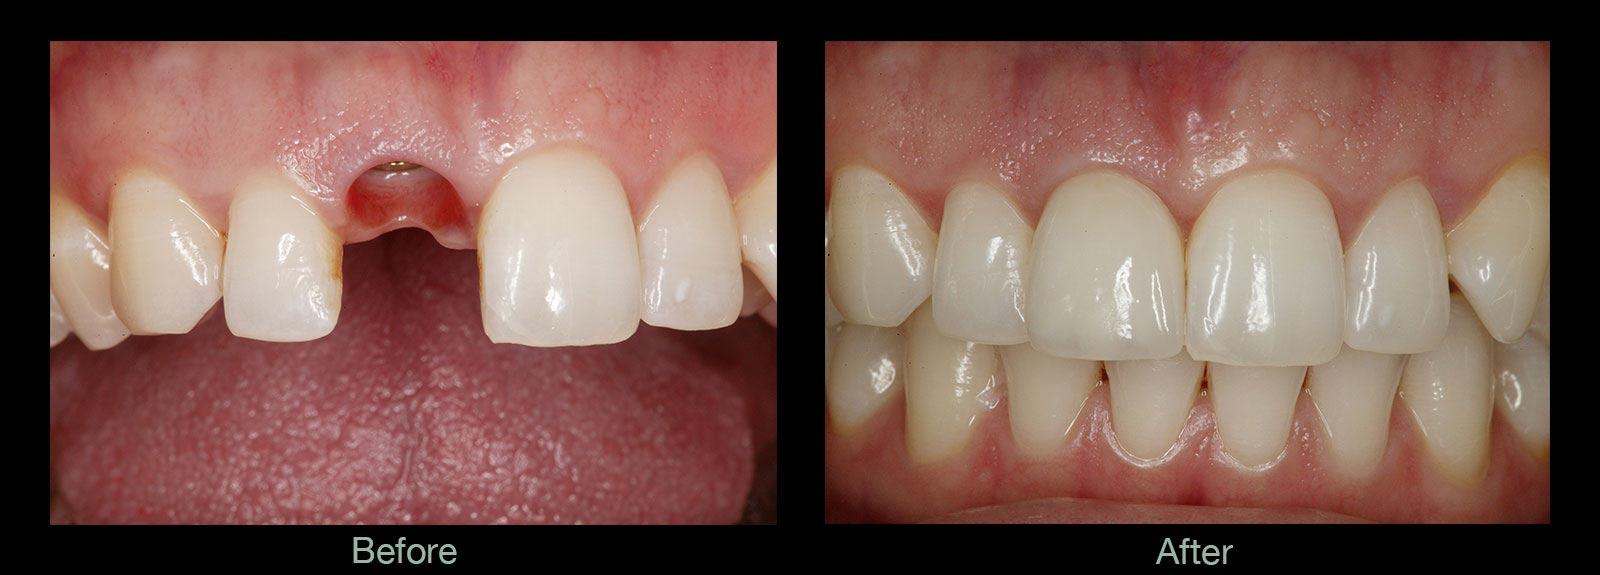 摆脱了传统种植牙切开翻起牙肉,缝合,拆线等步骤,将创伤降低到很小